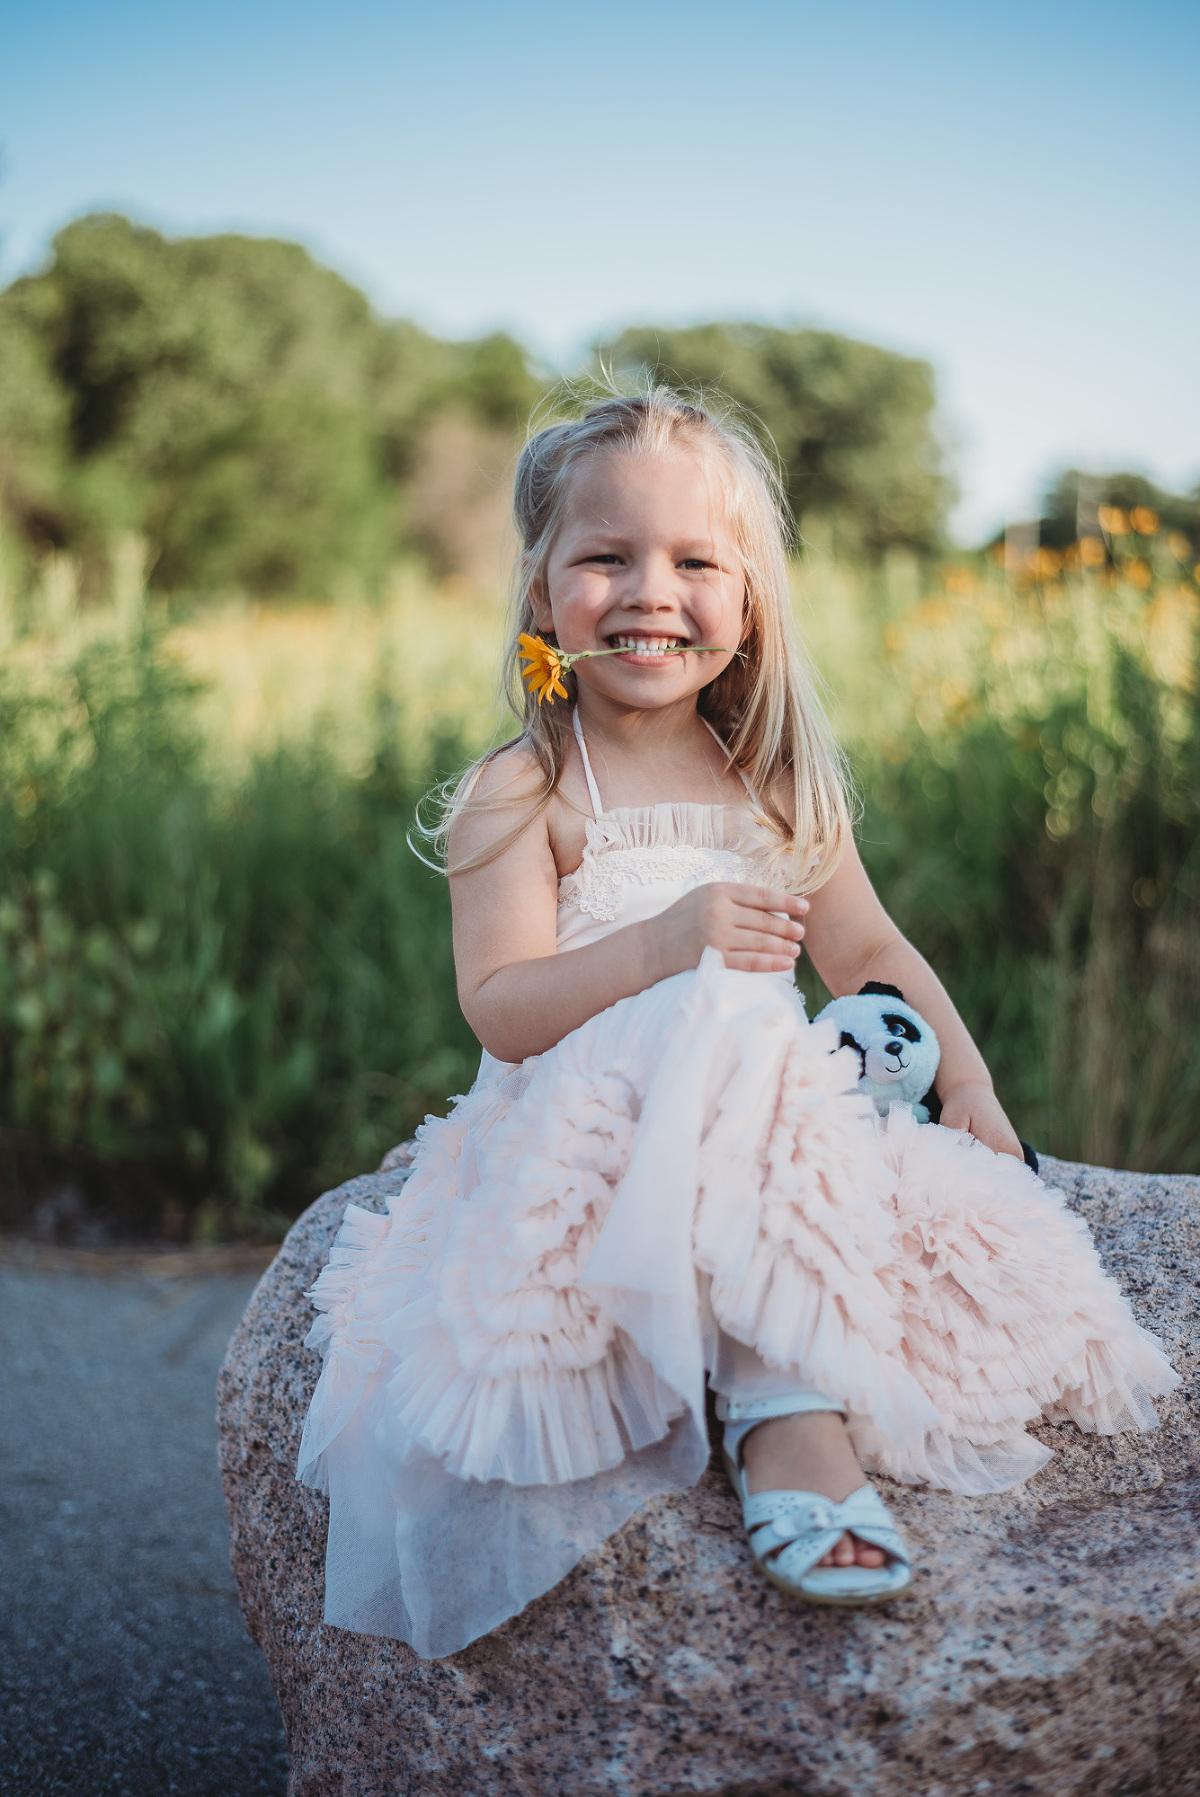 little girl in ruffle dress summer flower in mouth